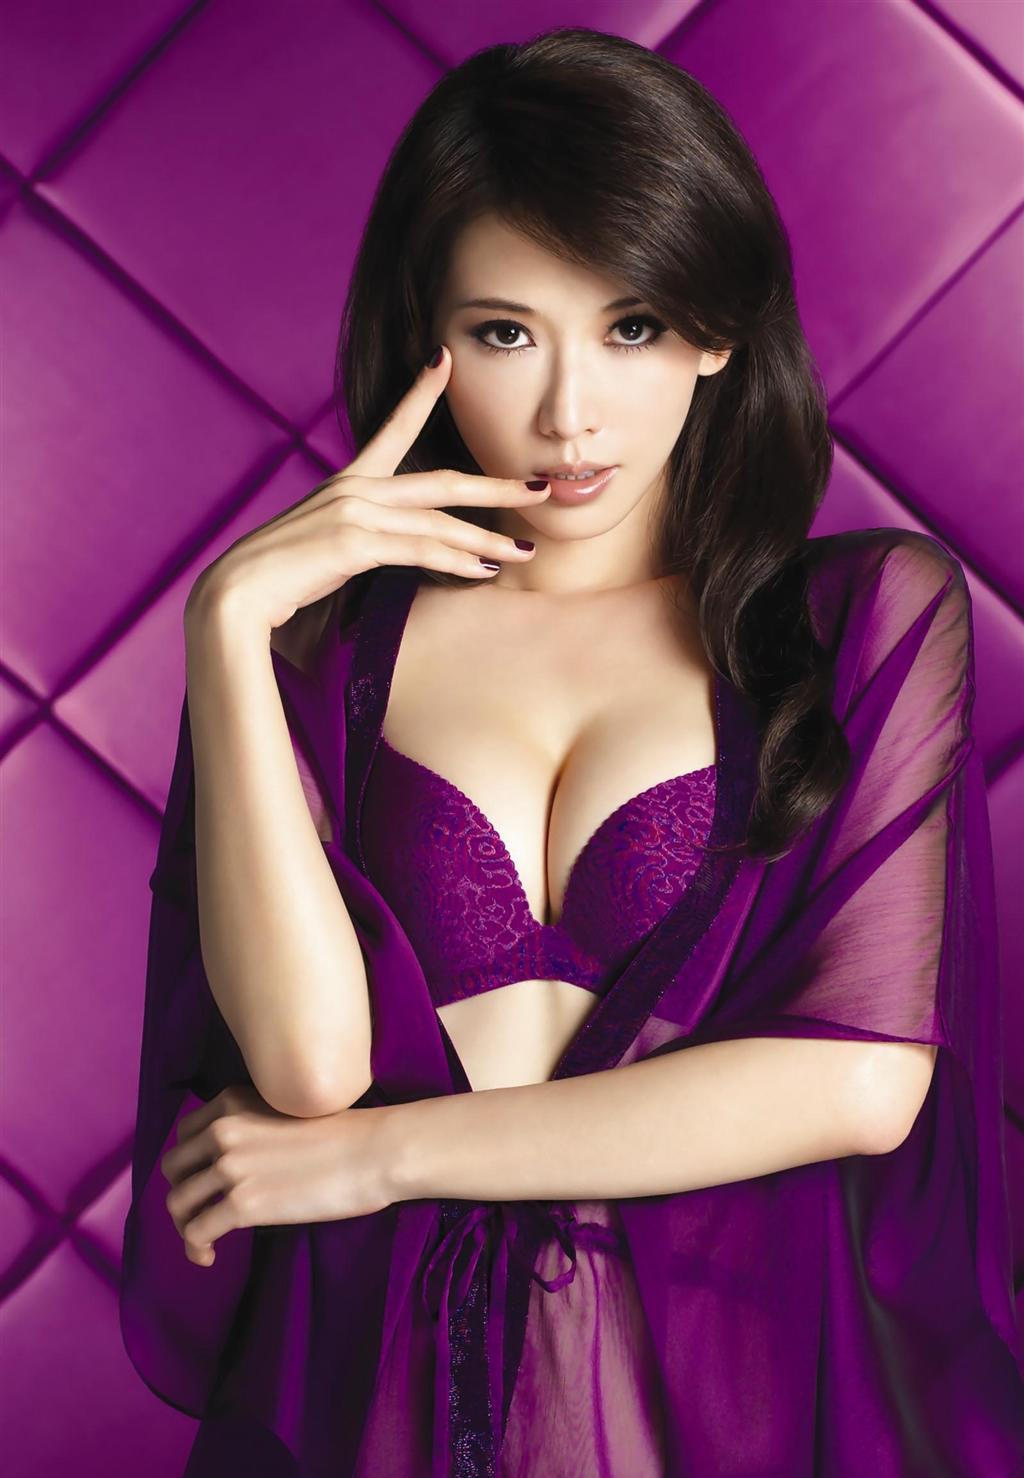 紫色內衣 帝王級的誘惑